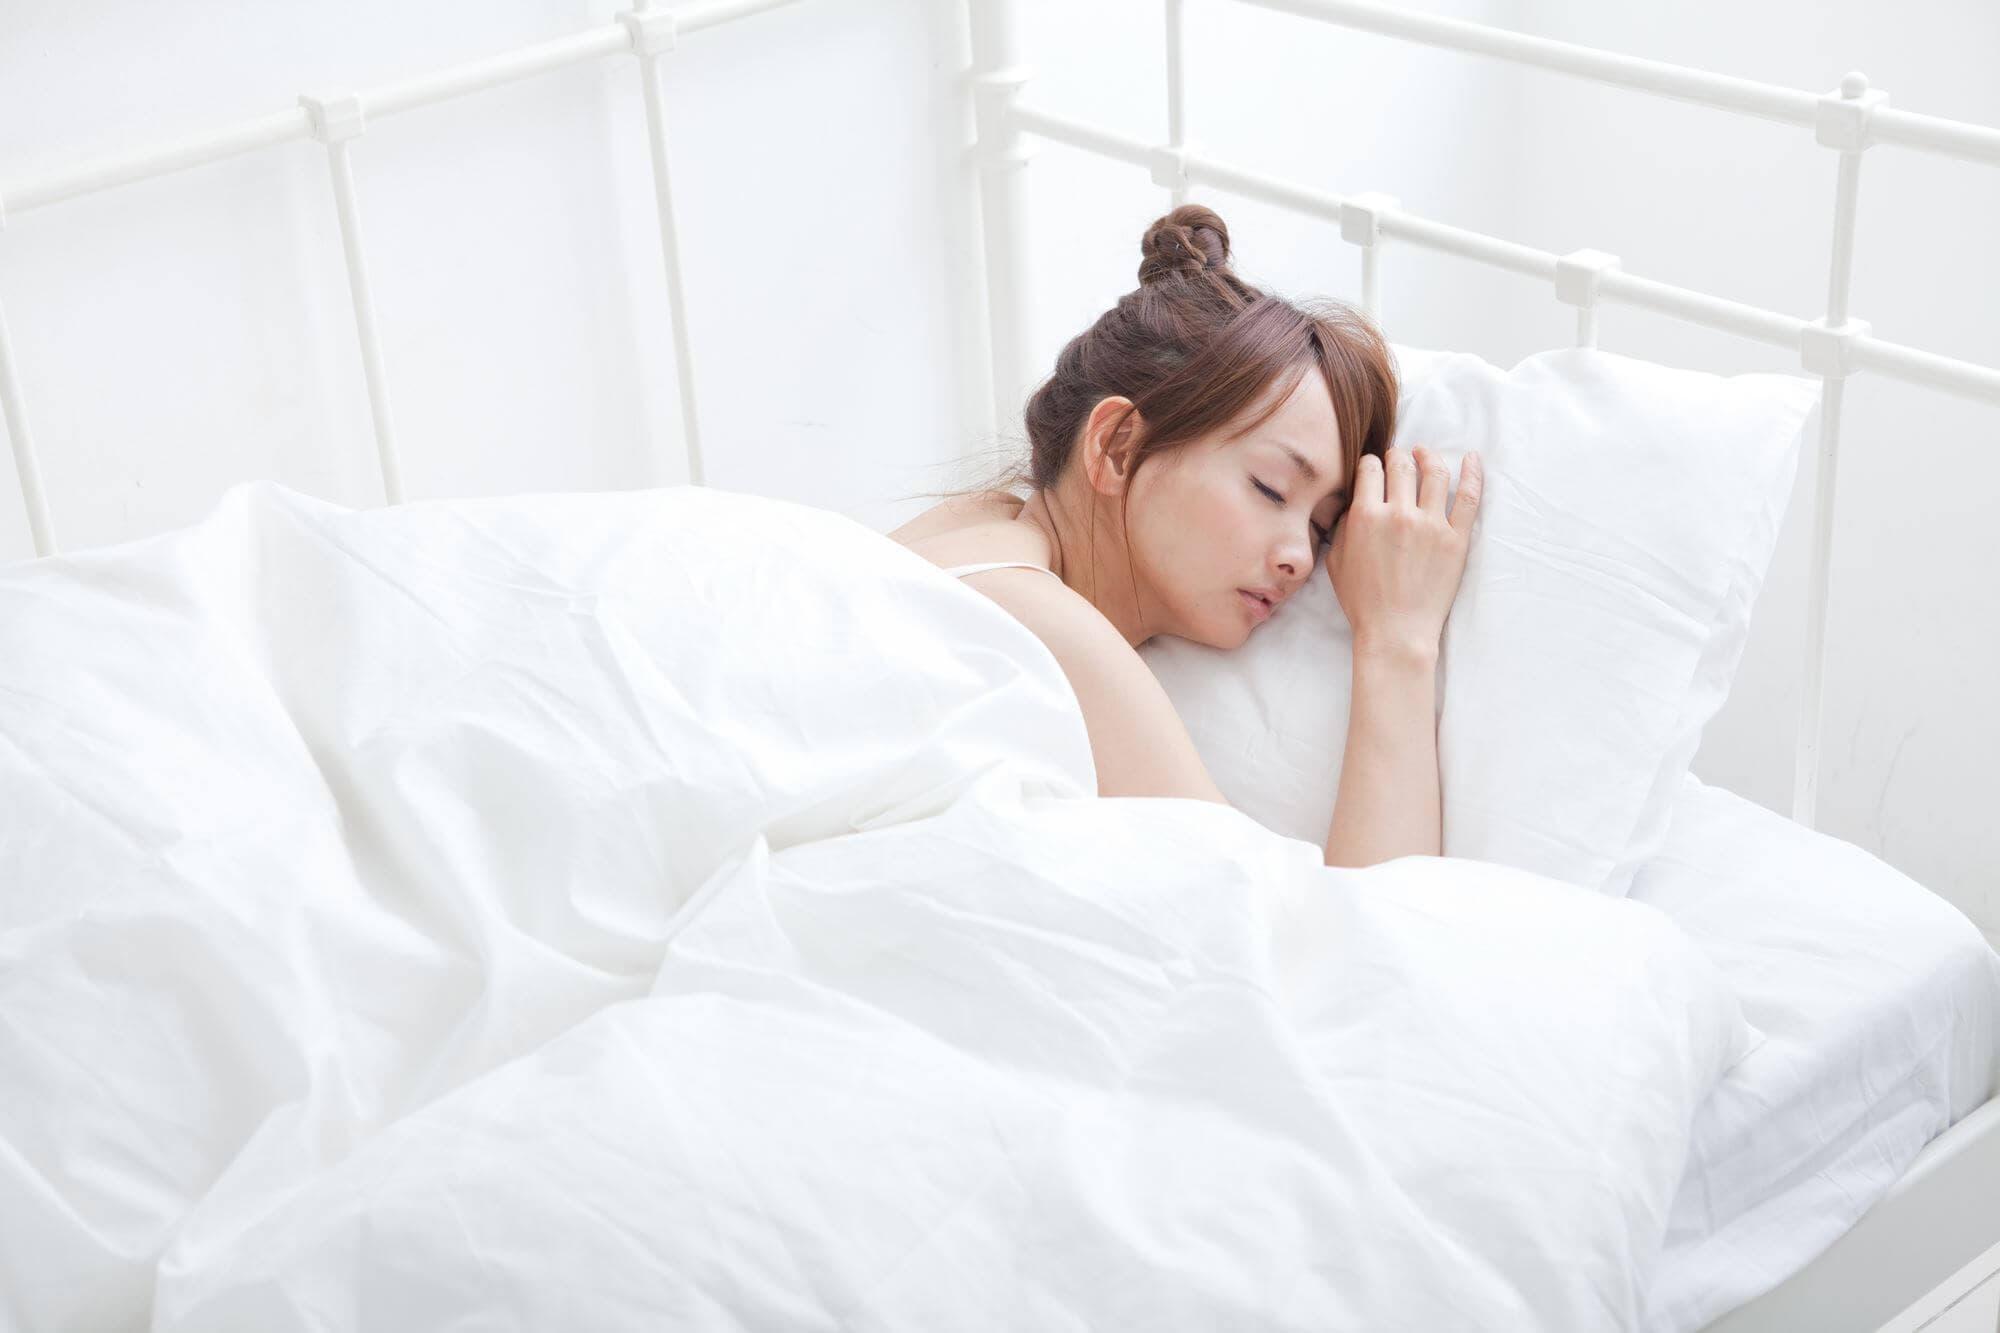 妊婦さんにおすすめな「シムスの体位」と仰臥位低血圧症候群を防ぐ寝方